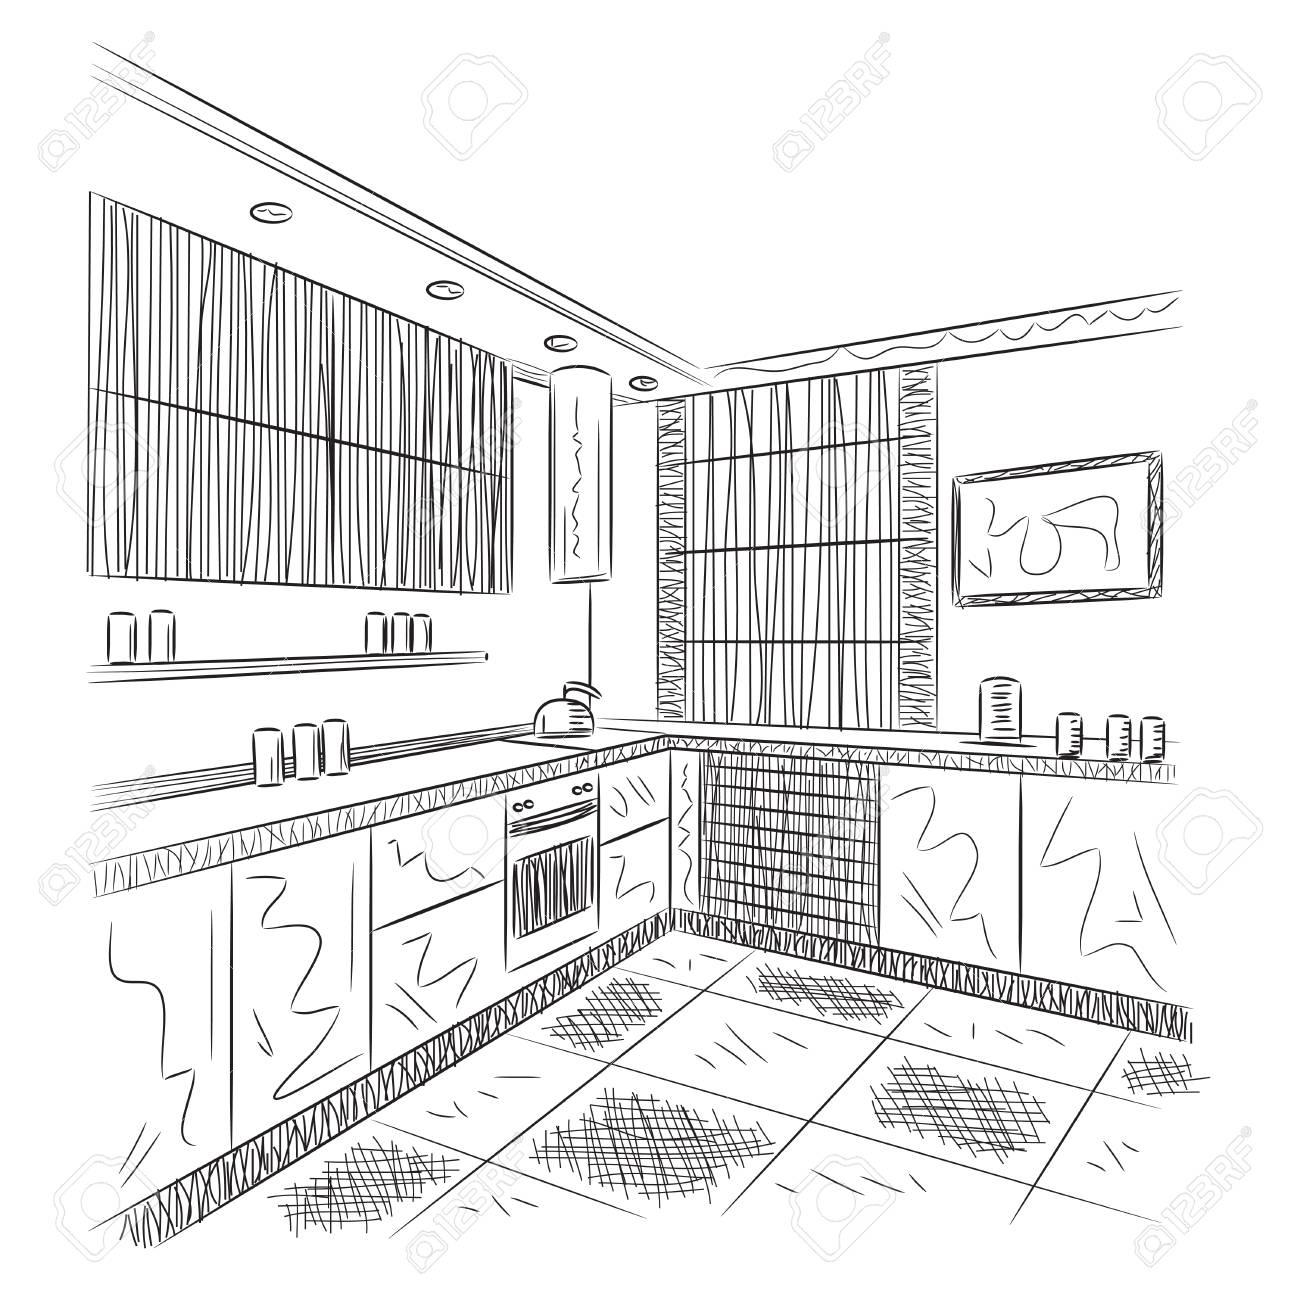 Küche Interieur Skizze. Hand gezeichnet Vektor-Illustration